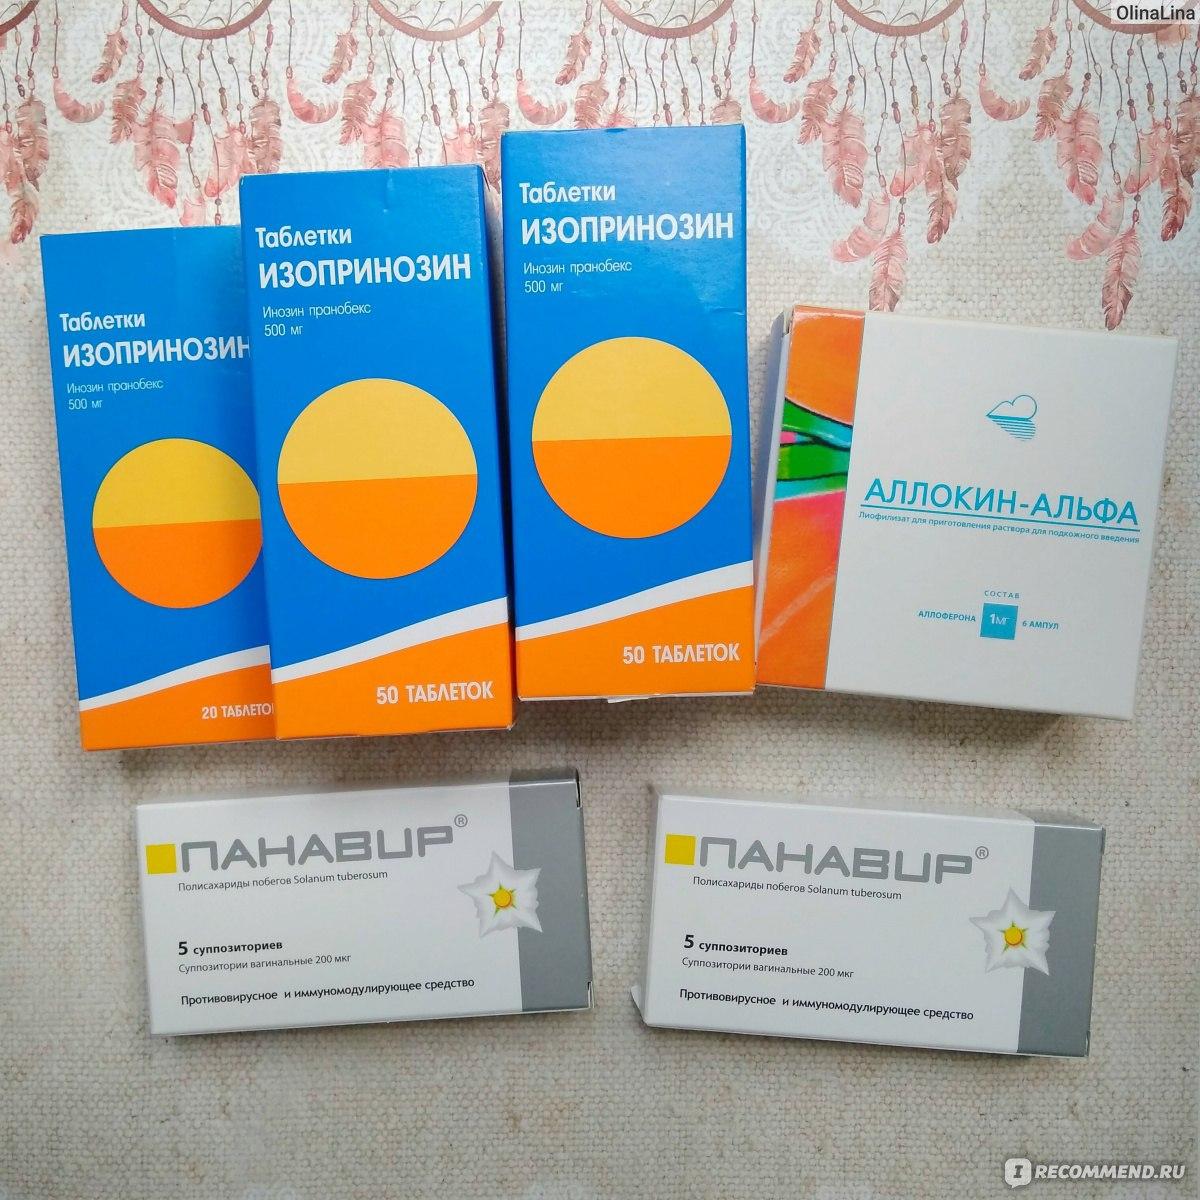 Лечение впч с помощью изопринозина